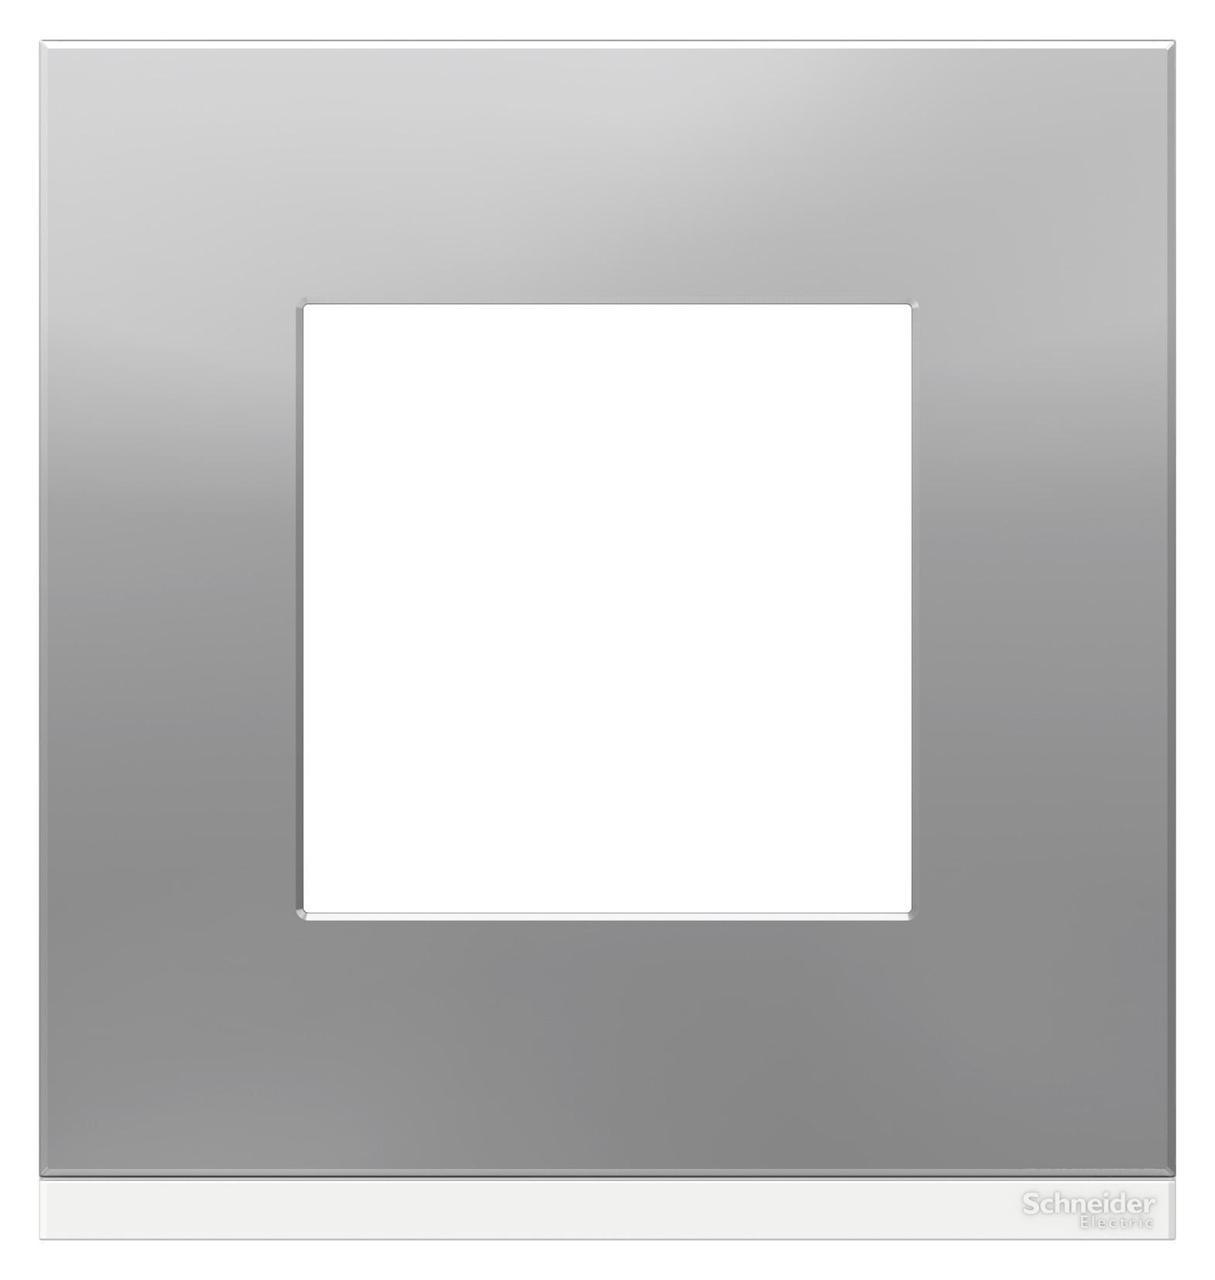 Рамка 1-ая (одинарная), Алюминий матовый/Белый, серия Unica Pure, Schneider Electric